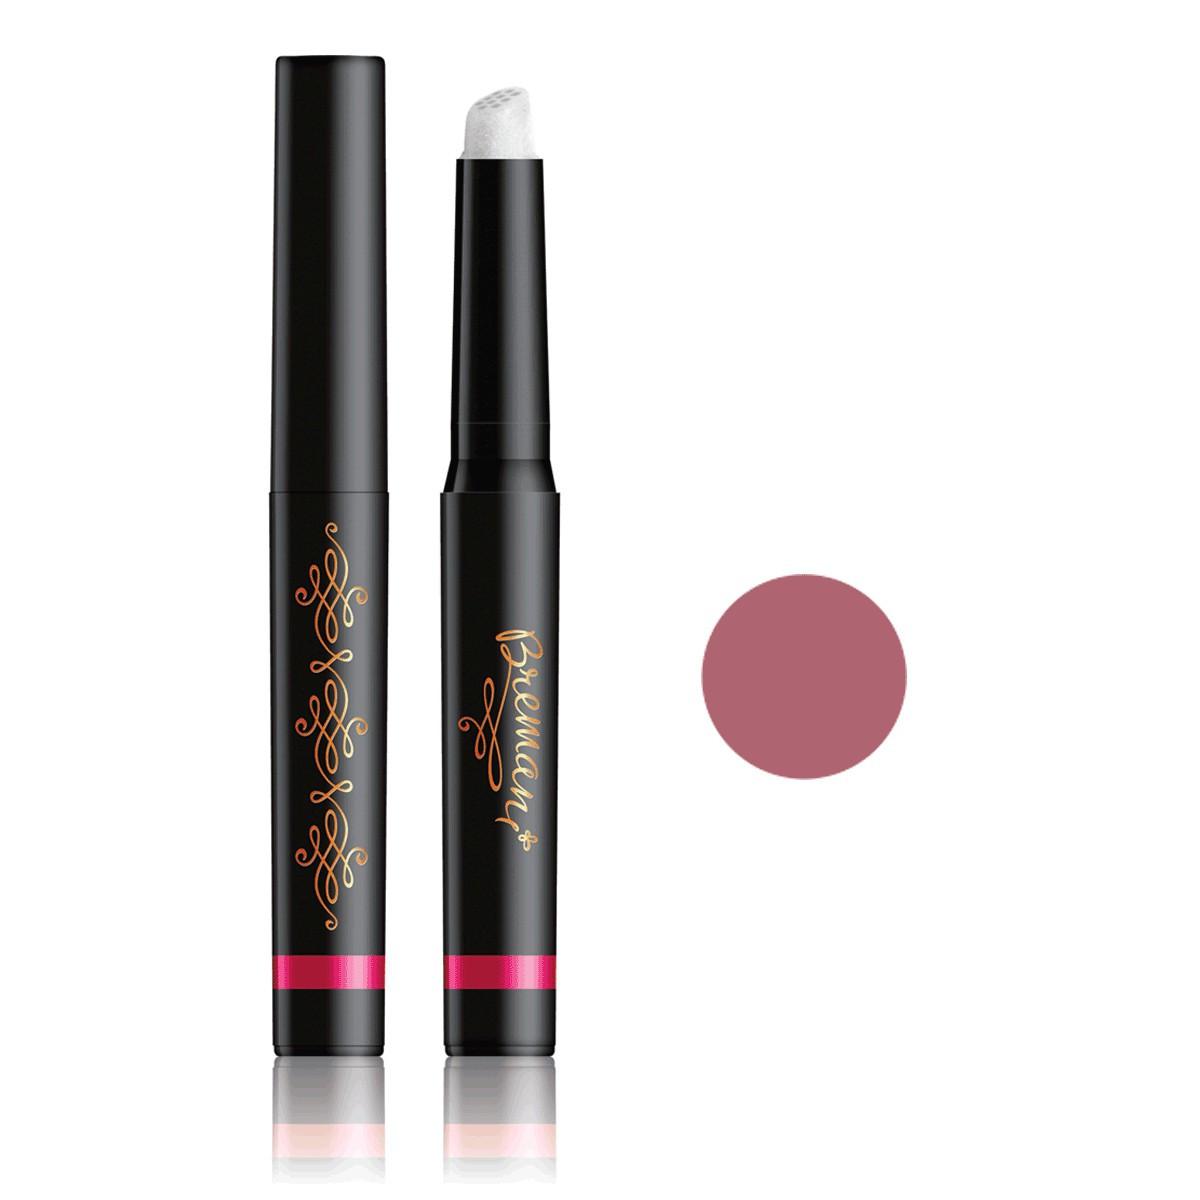 """New! Lipstick Peony Новинка! Помада """"Піон"""" із фібровою аплікатором, Bremani, NSP, Бремани, НСП, Італія."""